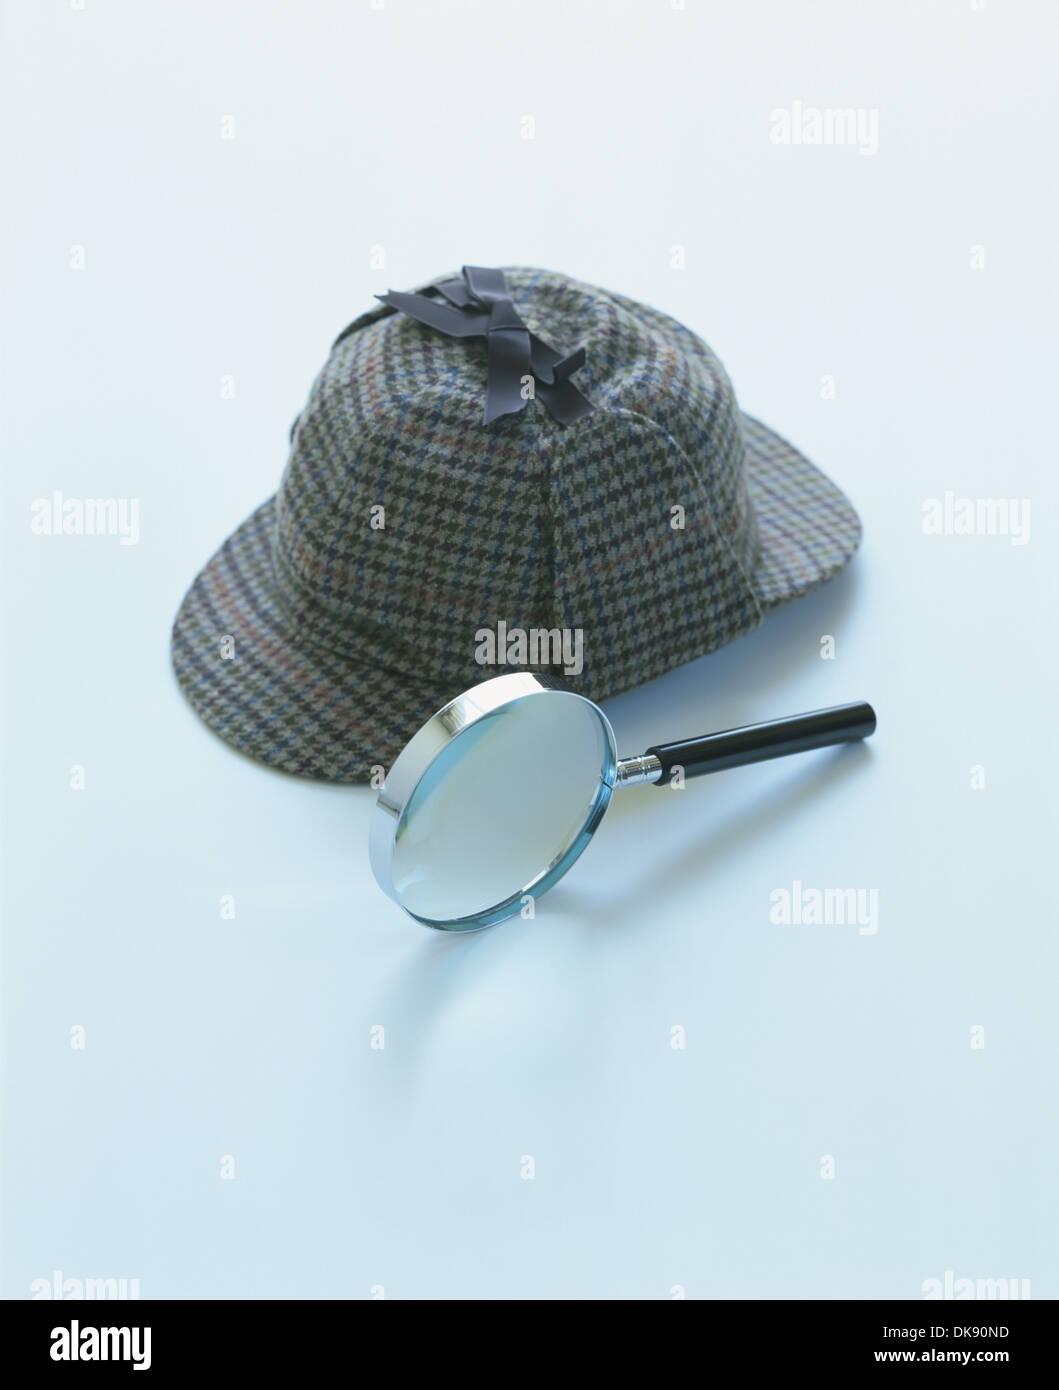 ab5d048a3 Deerstalker Hat Magnifying Glass Stock Photos & Deerstalker Hat ...